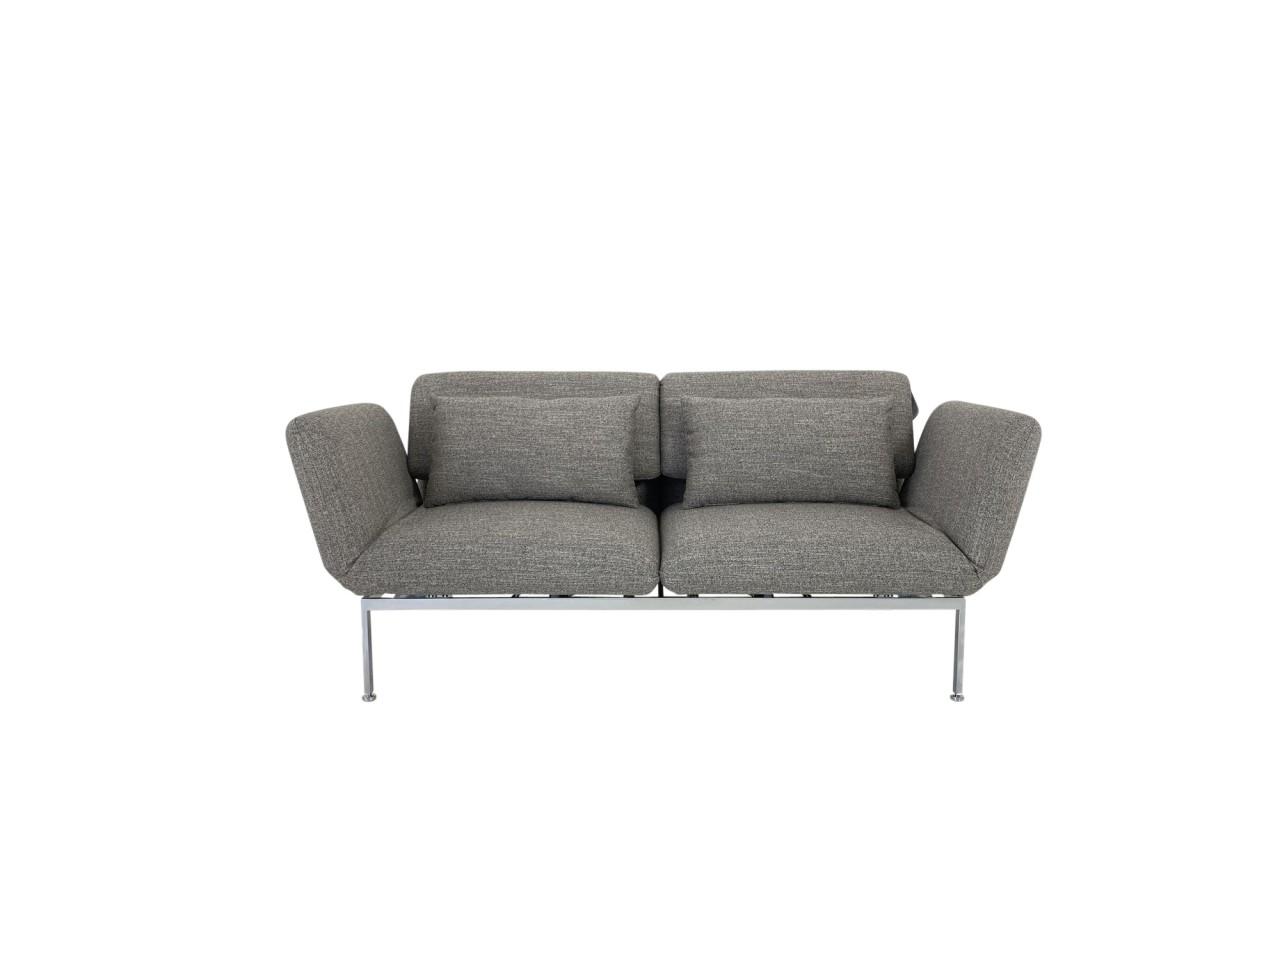 Brühl RORO medium Sofa 2 in Stoff taupe mit Drehsitzen und praktischen Rollen hinten